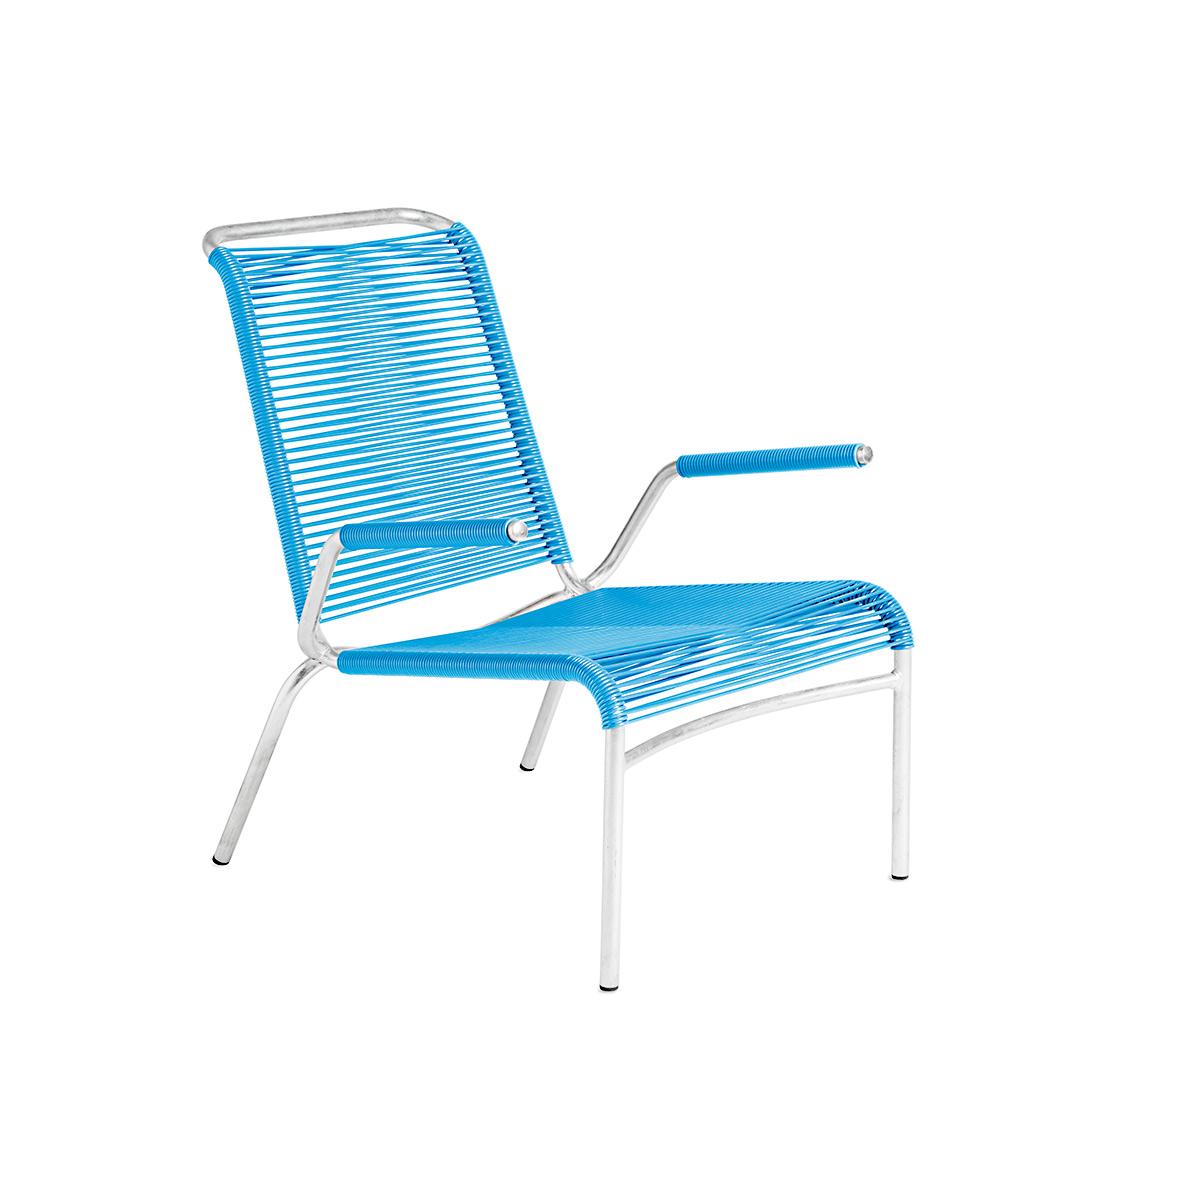 Altorfer Lounge Sessel 1142 mit Armlehne in Hellblau von Embru